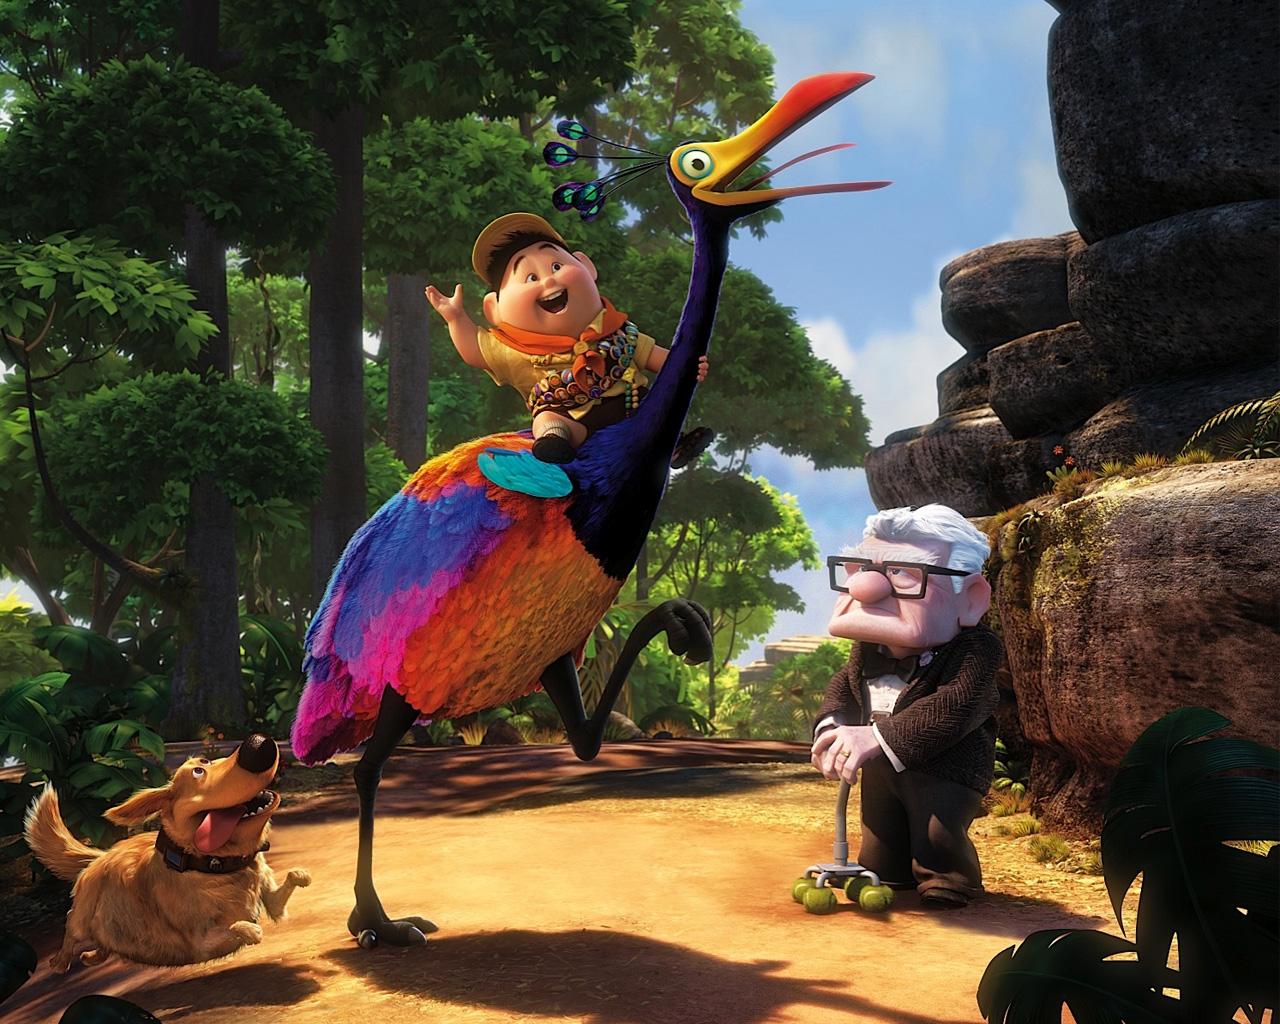 Up Wallpaper Pixar 1280x1024